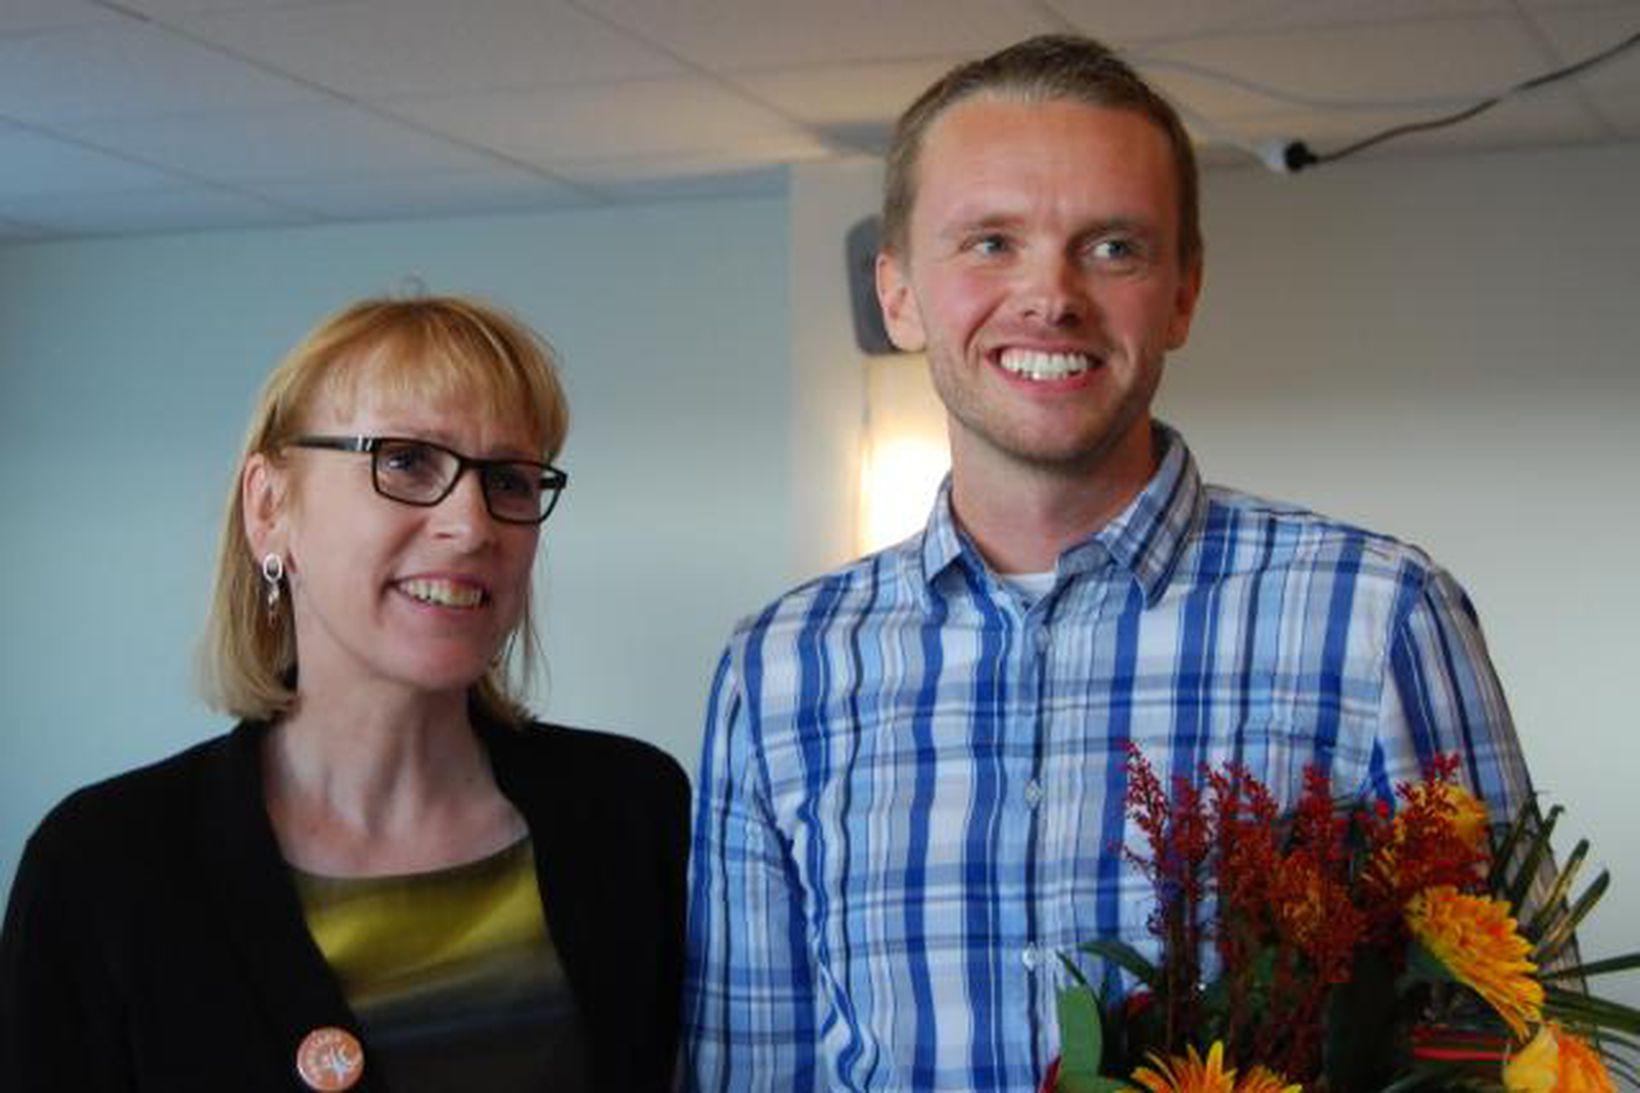 Lilja Mósesdóttir og ásamt Birgi Erni Guðjónssuni nýkjörnum formanni Samstöðu.